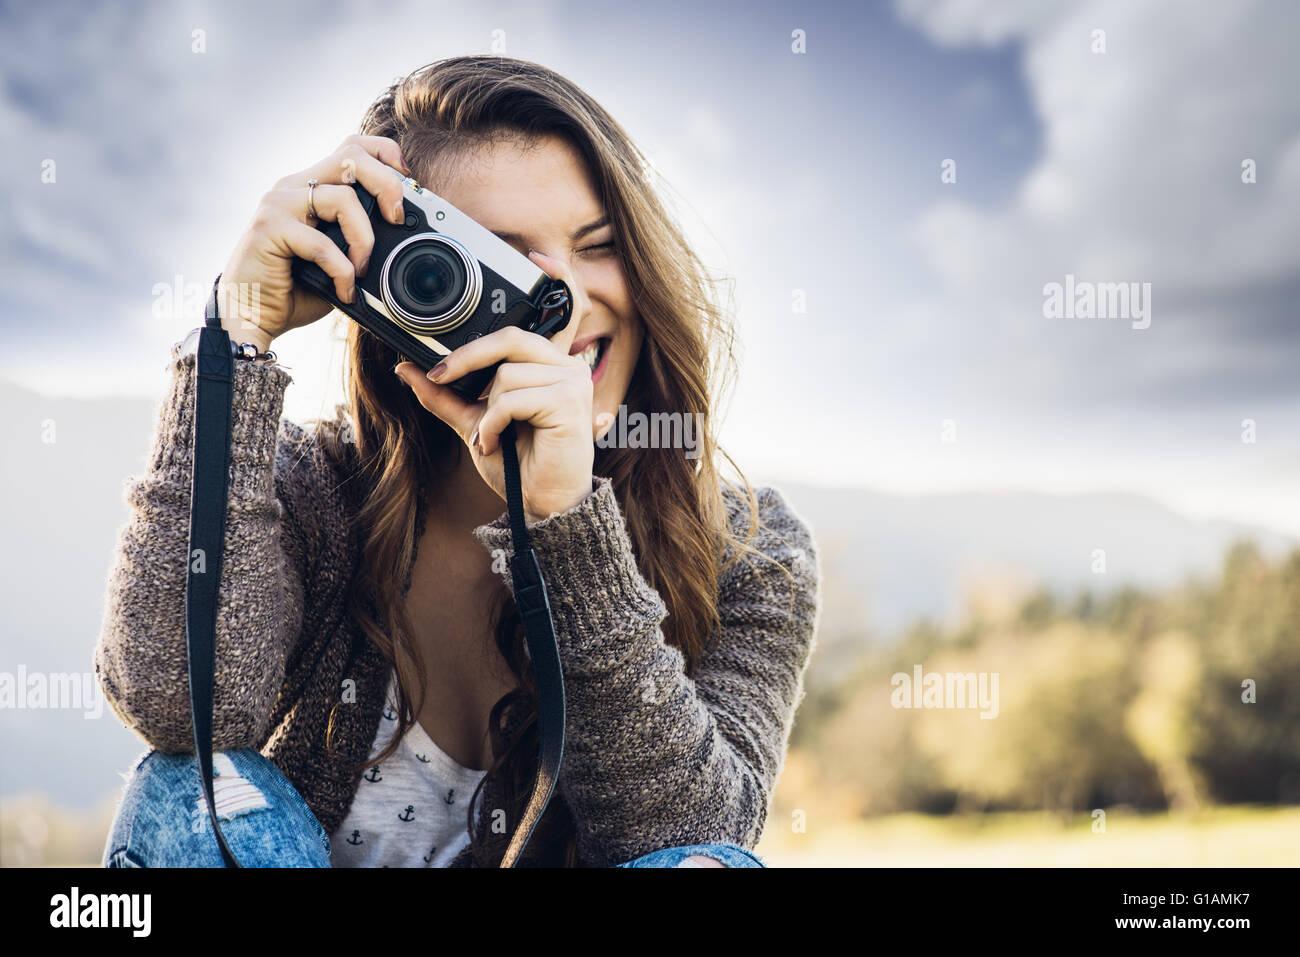 Joven fotógrafo sentados en el césped y tomar fotos, paisaje natural de fondo Imagen De Stock